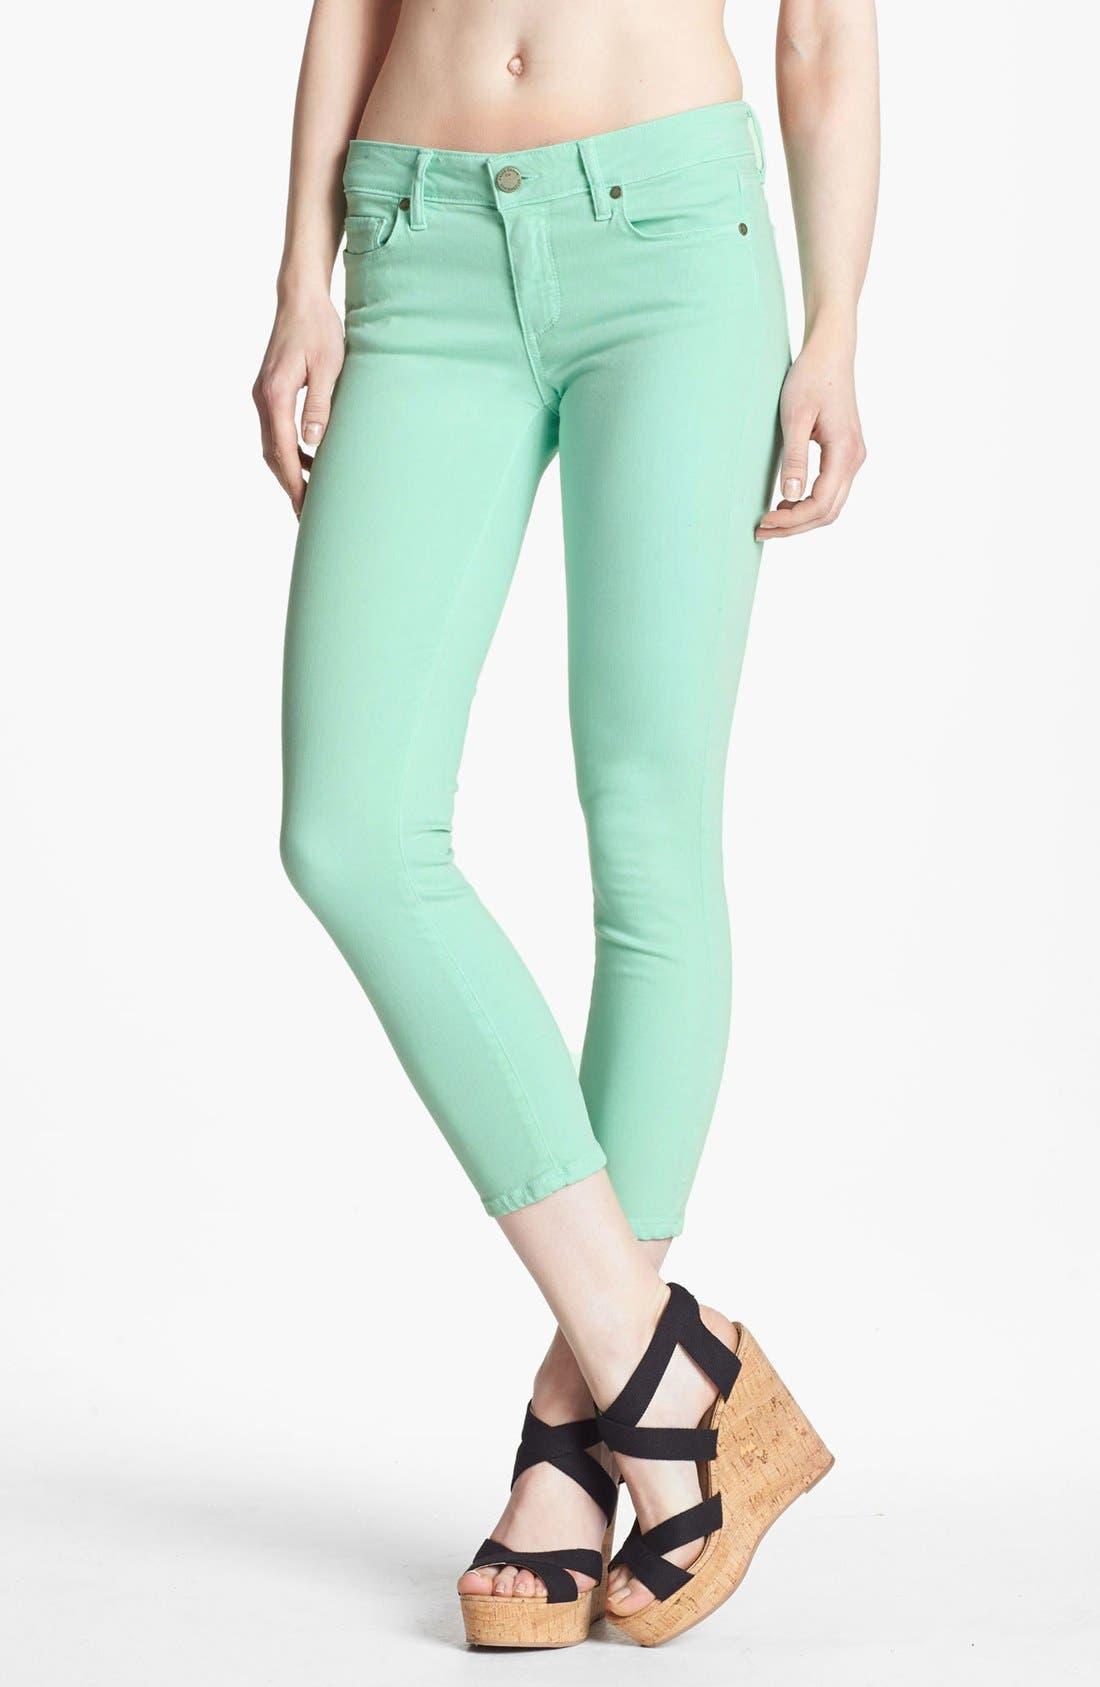 Main Image - Paige Denim 'Kylie' Crop Jeans (Glass)